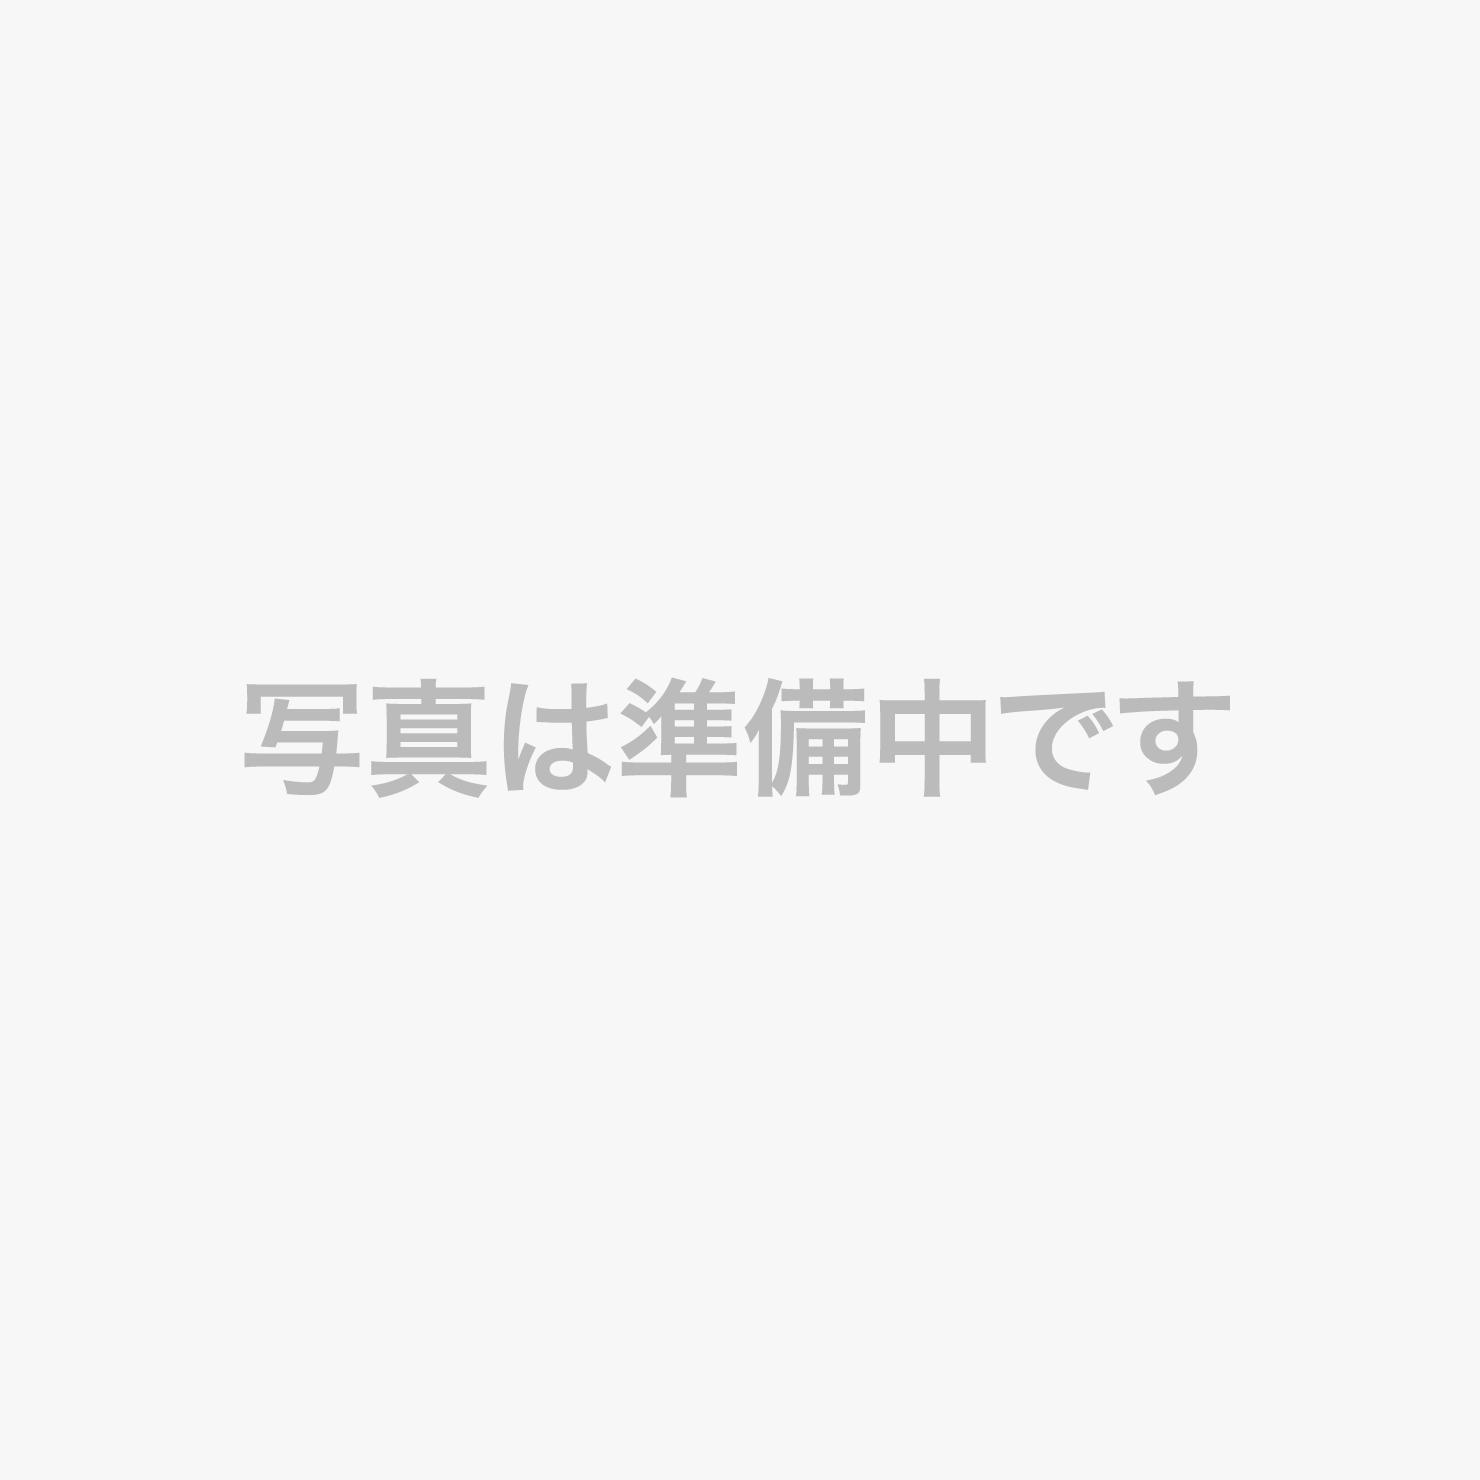 【偕楽園】梅のライトアップ